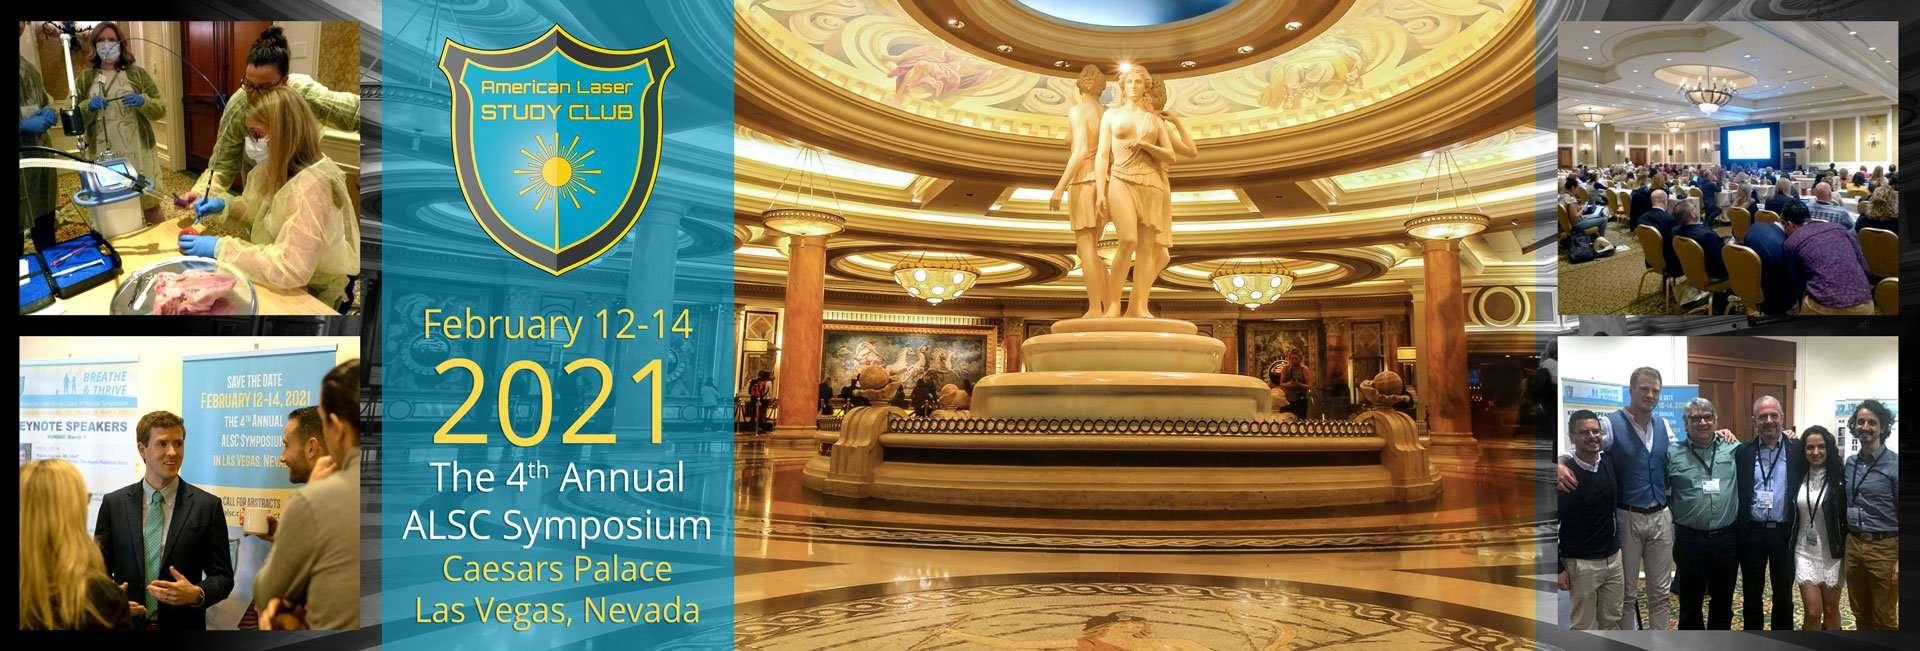 2021 Symposium at Caesars Palace Las Vegas